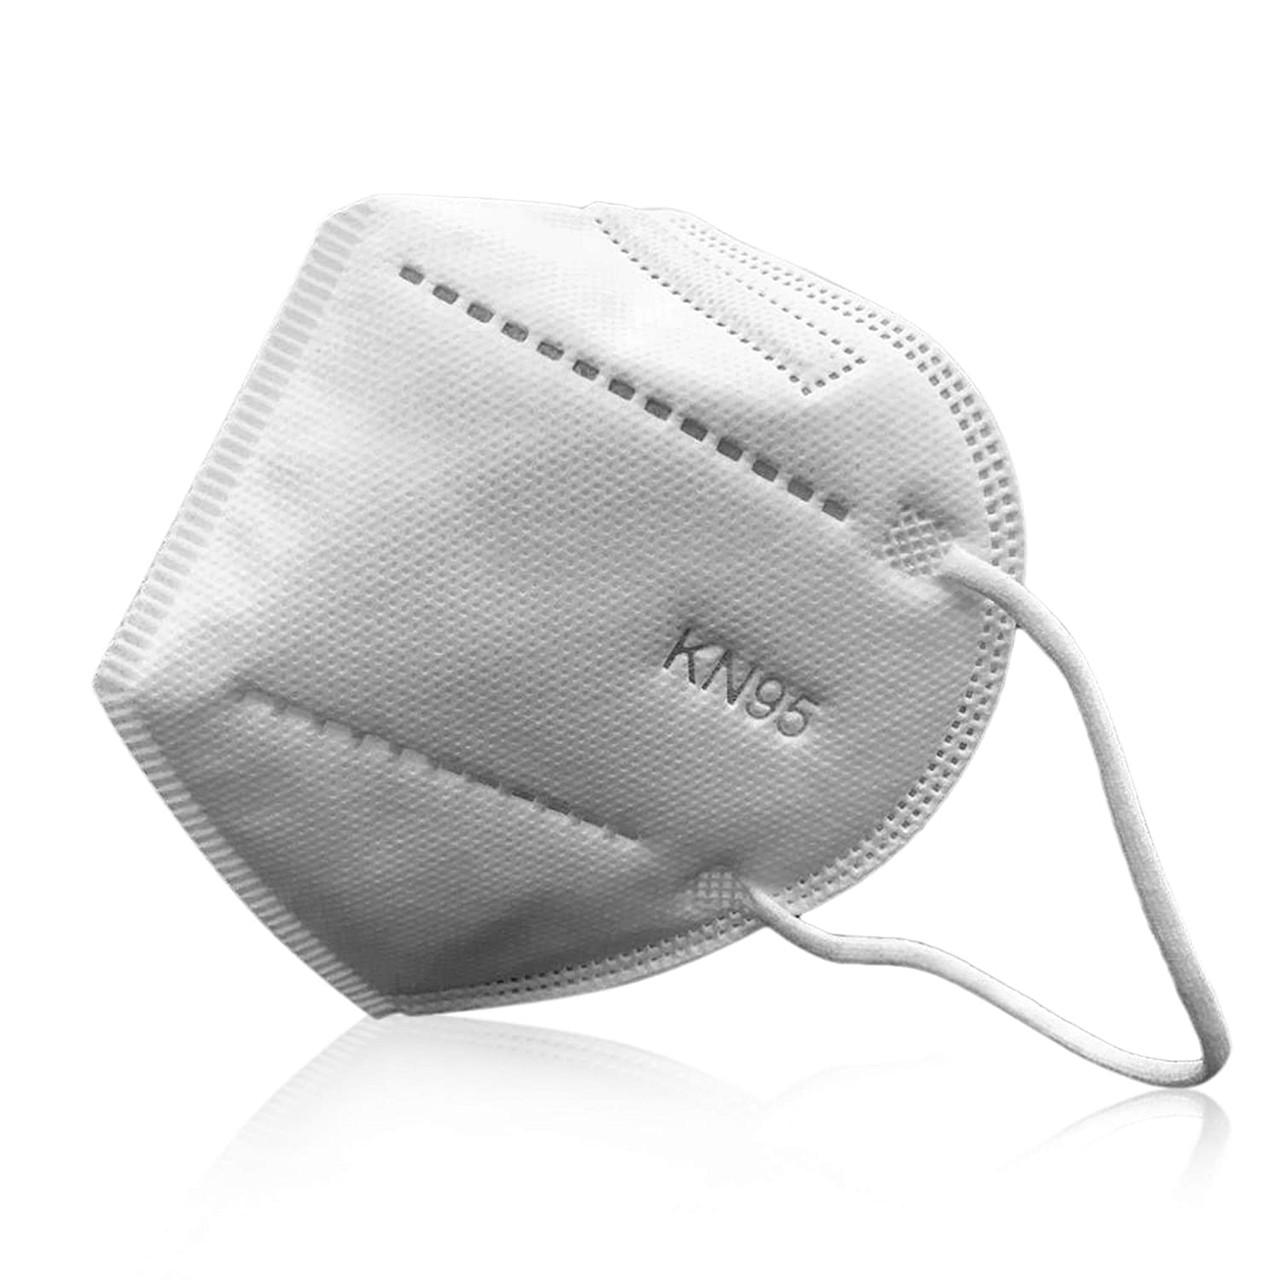 KN95 Face Masks- 10 Pack